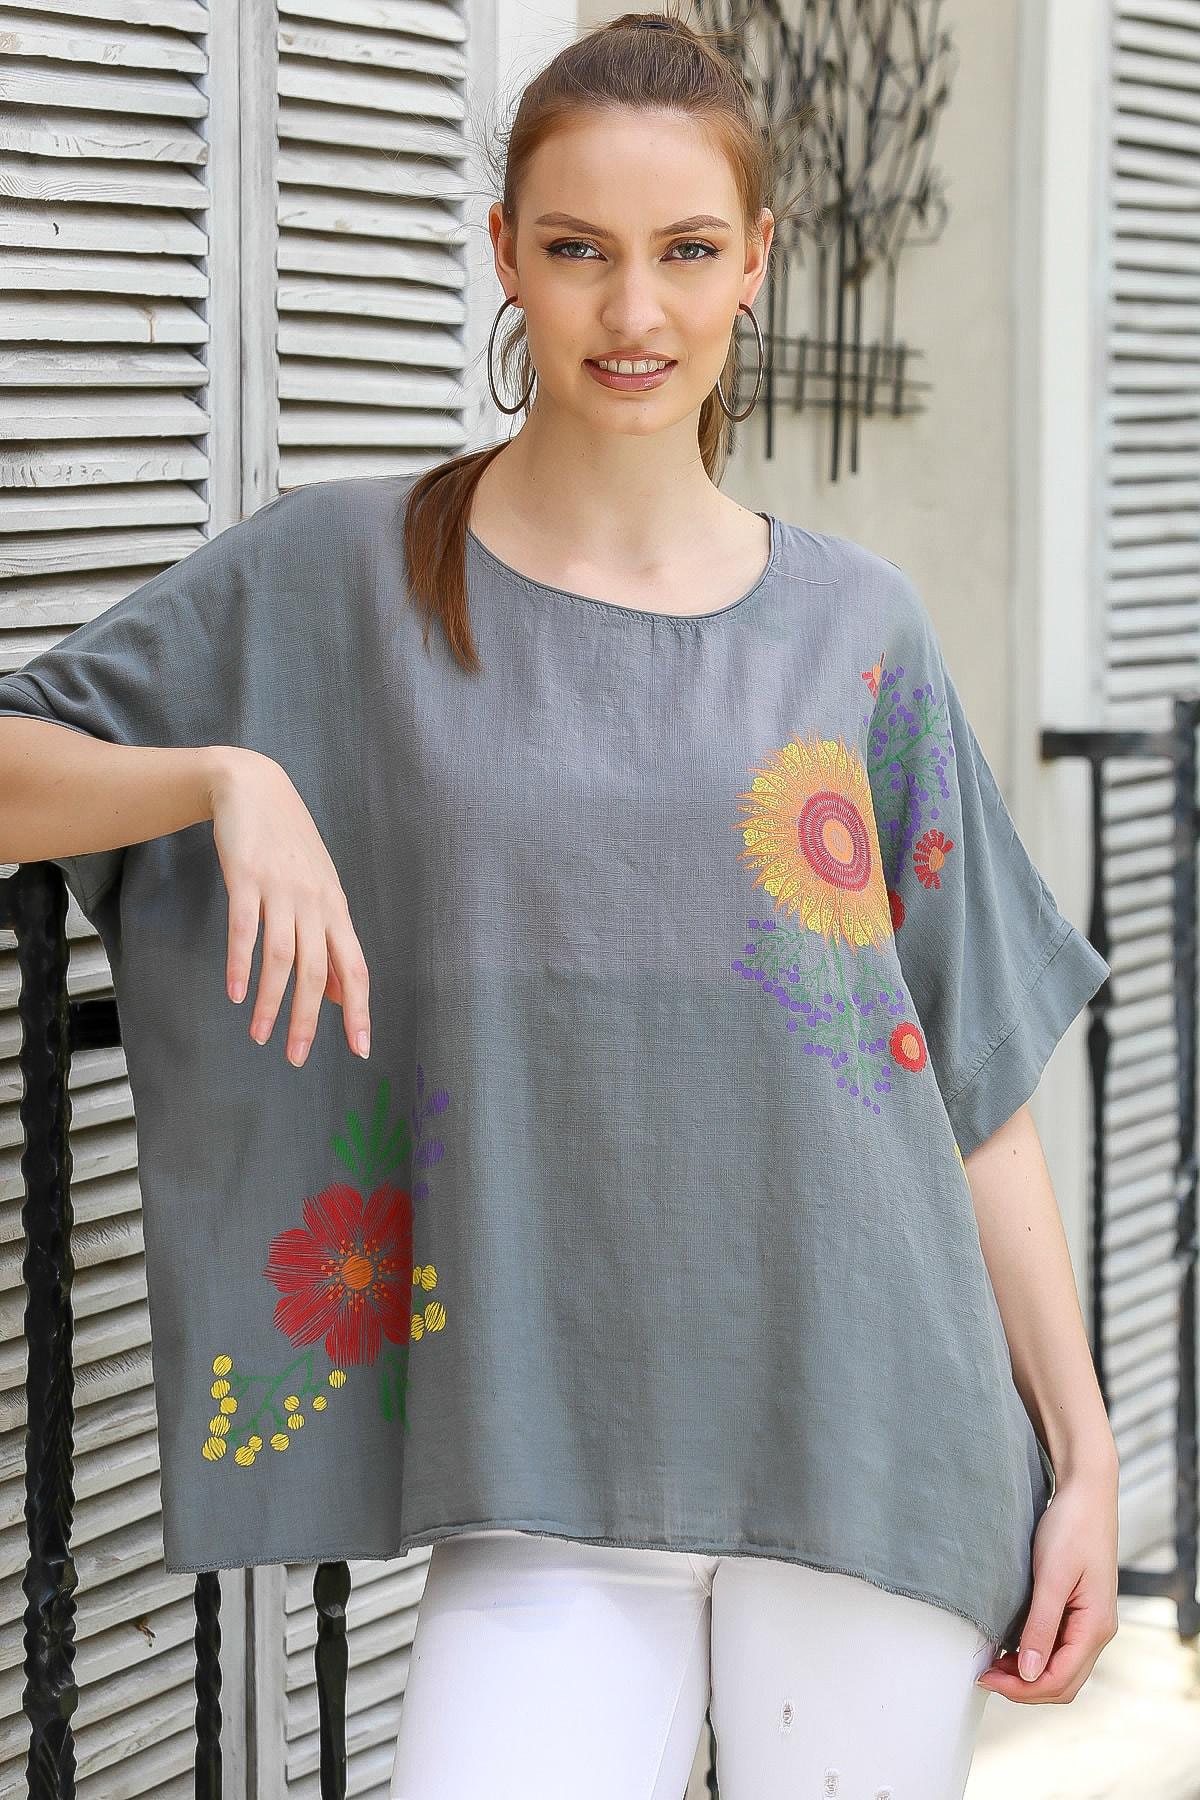 Chiccy Kadın Füme Sıfır Yaka Günebakan Çiçek Desenli Salaş Dokuma Bluz M10010200BL95412 0